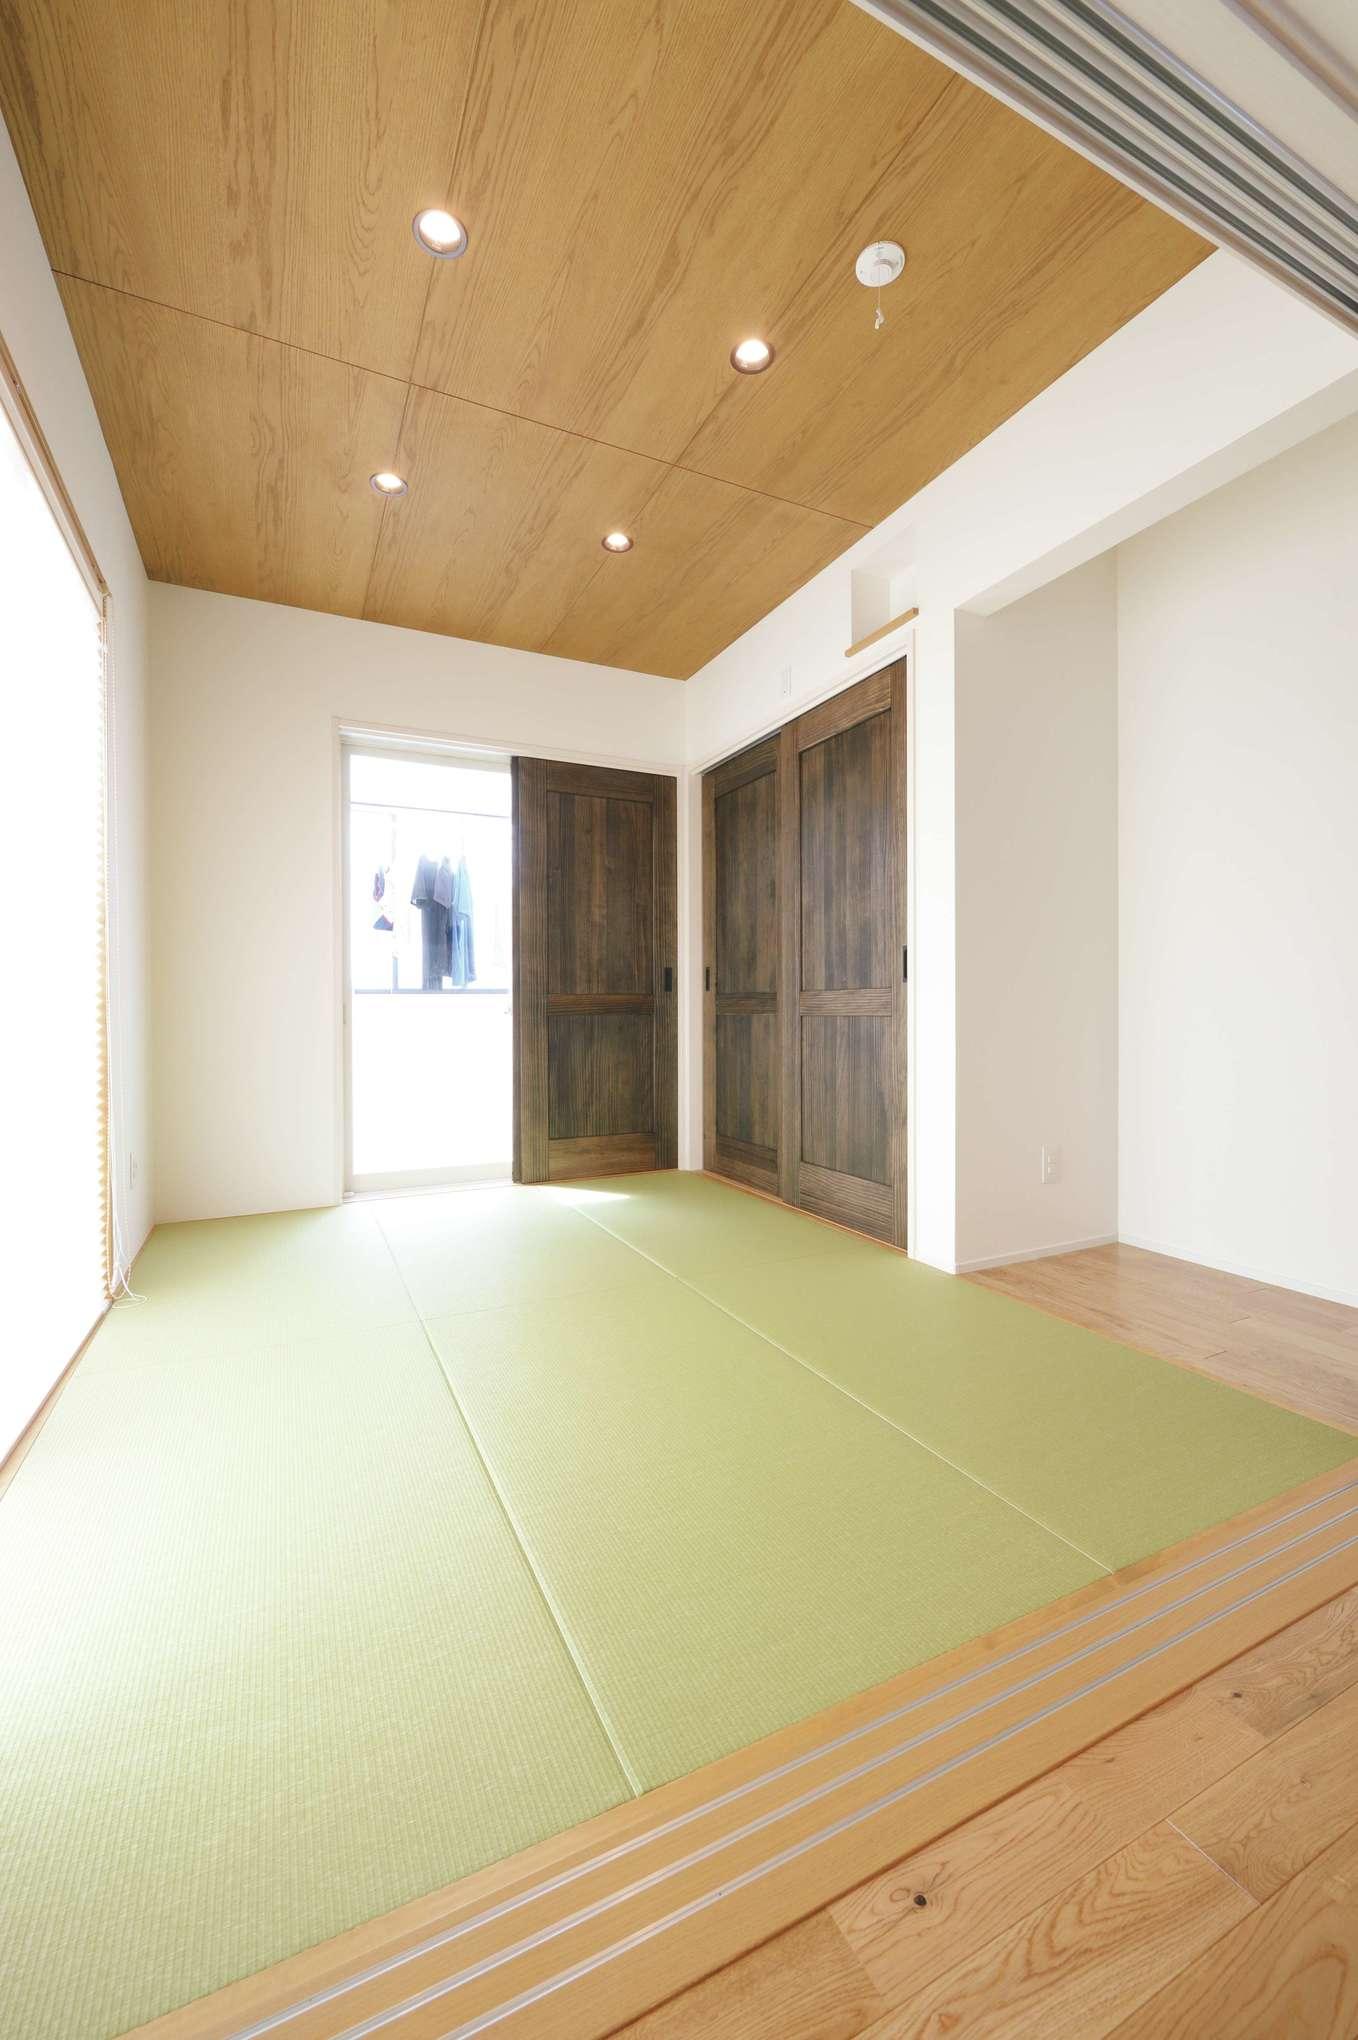 小玉建設【デザイン住宅、自然素材、間取り】バリアフリーの和室は洋風のインテリアにもマッチ。サンルームはサッシを取り付けて、インナーバルコニー式に。気密・断熱対策も万全